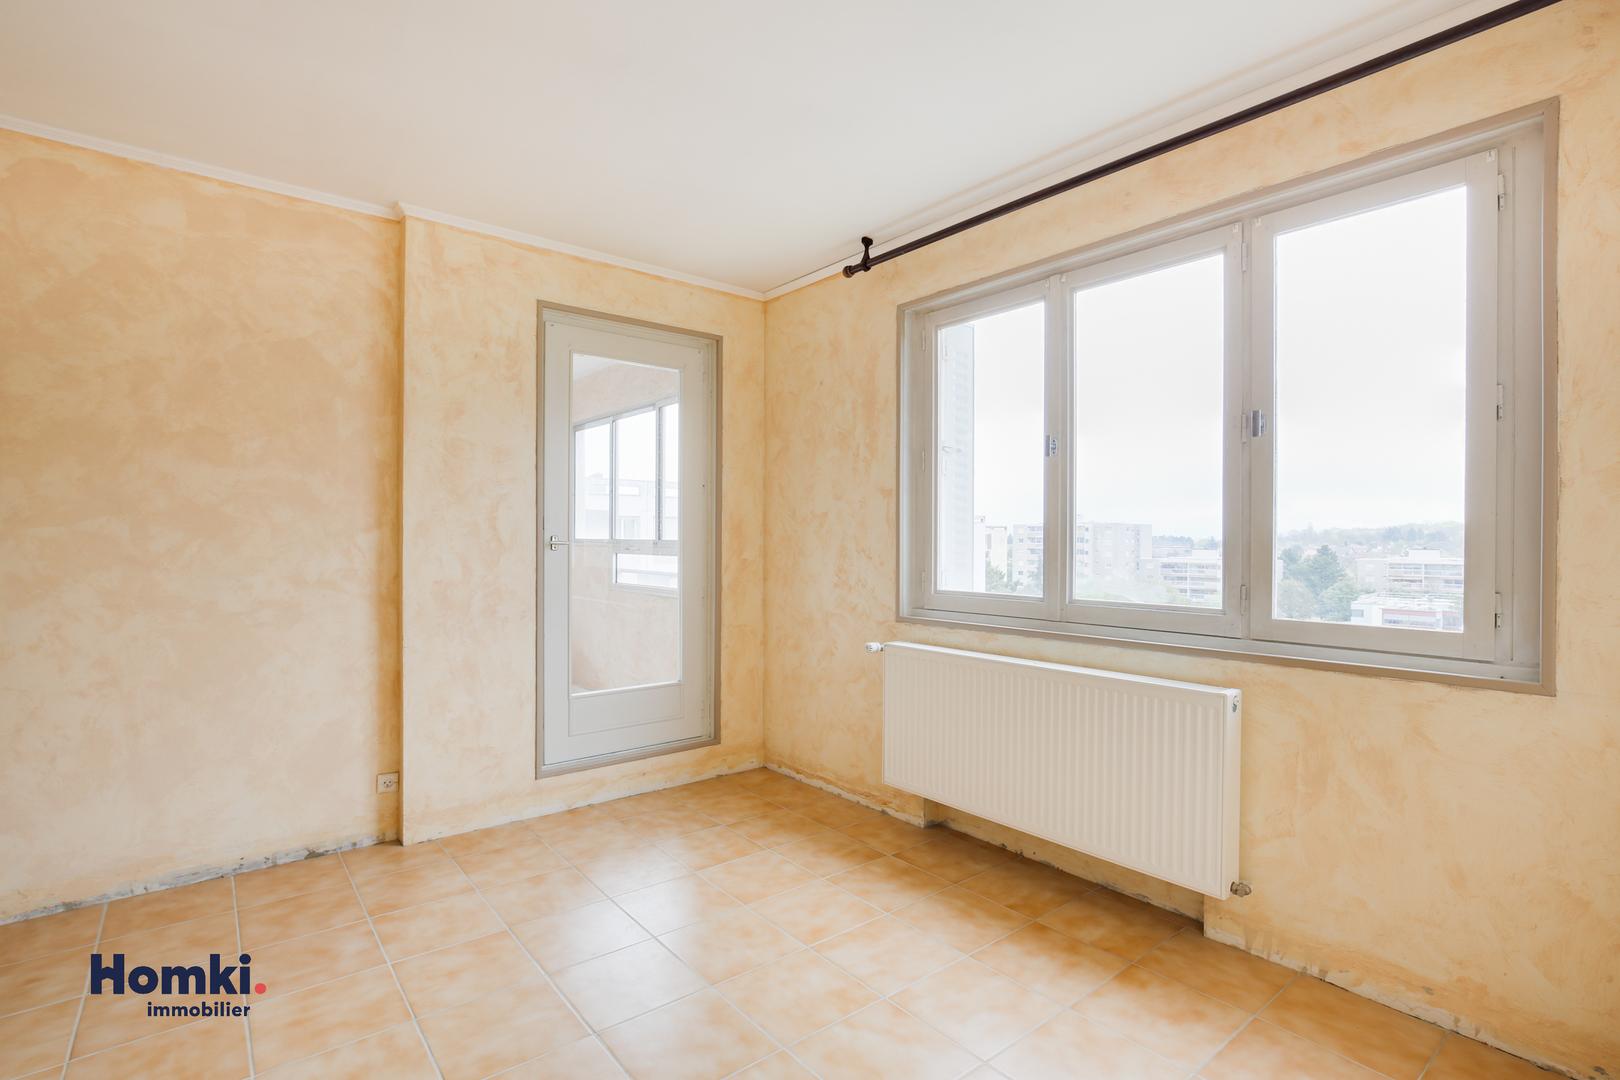 Vente appartement 75m² T4 69800_ 3